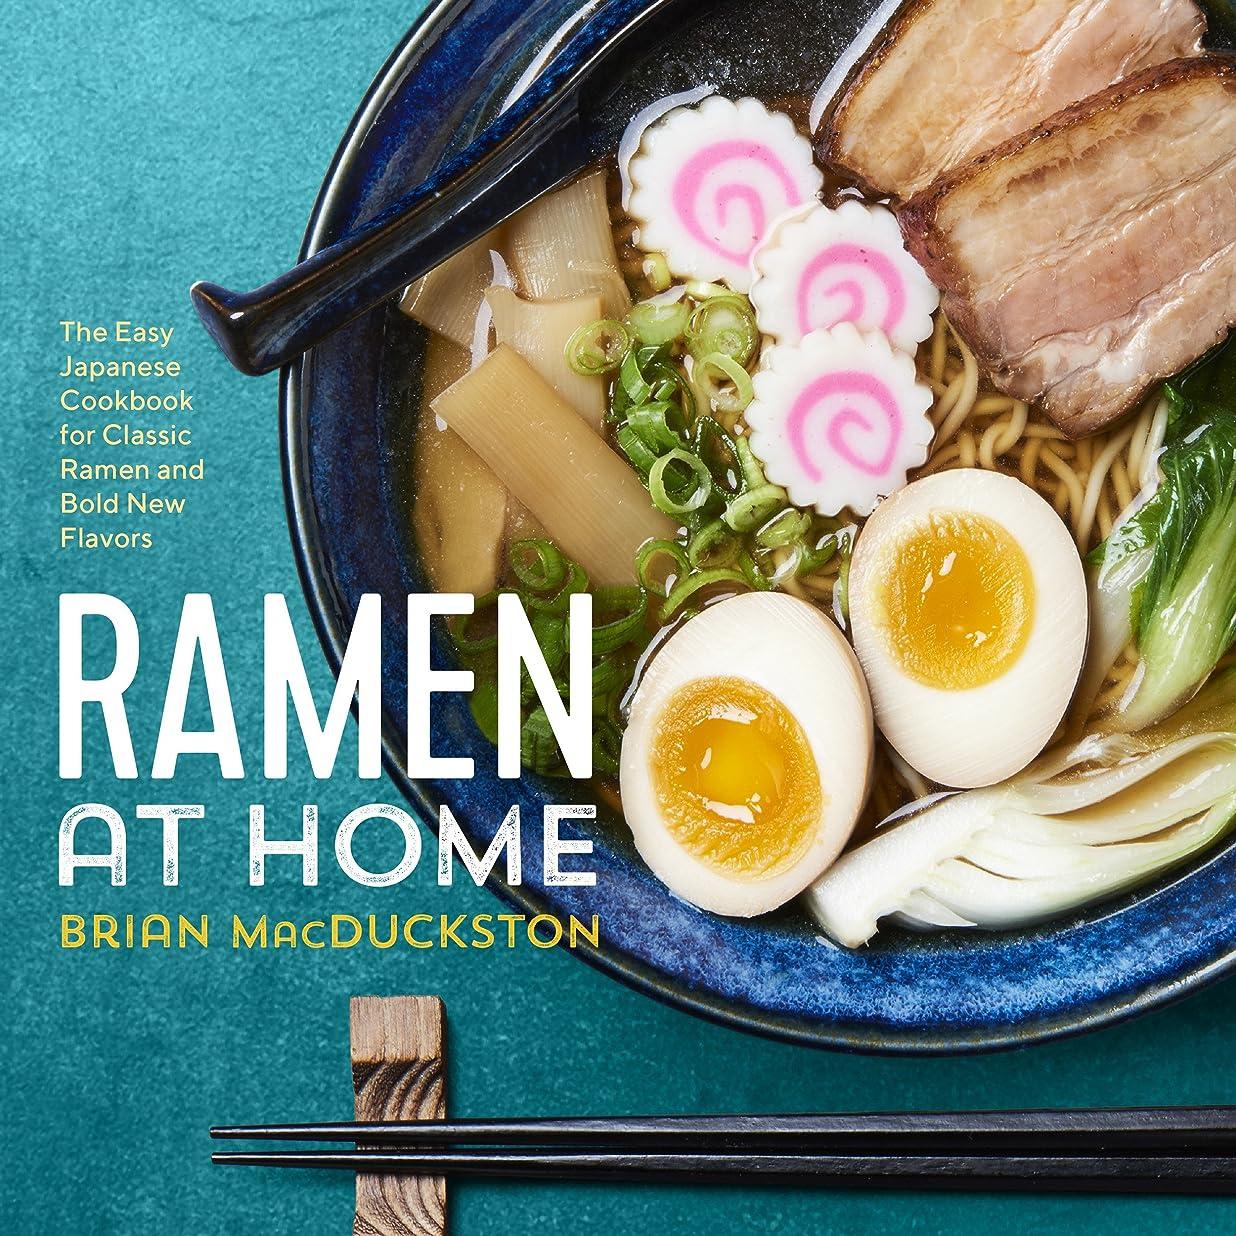 連結するヘビ消費者Ramen at Home: The Easy Japanese Cookbook for Classic Ramen and Bold New Flavors (English Edition)